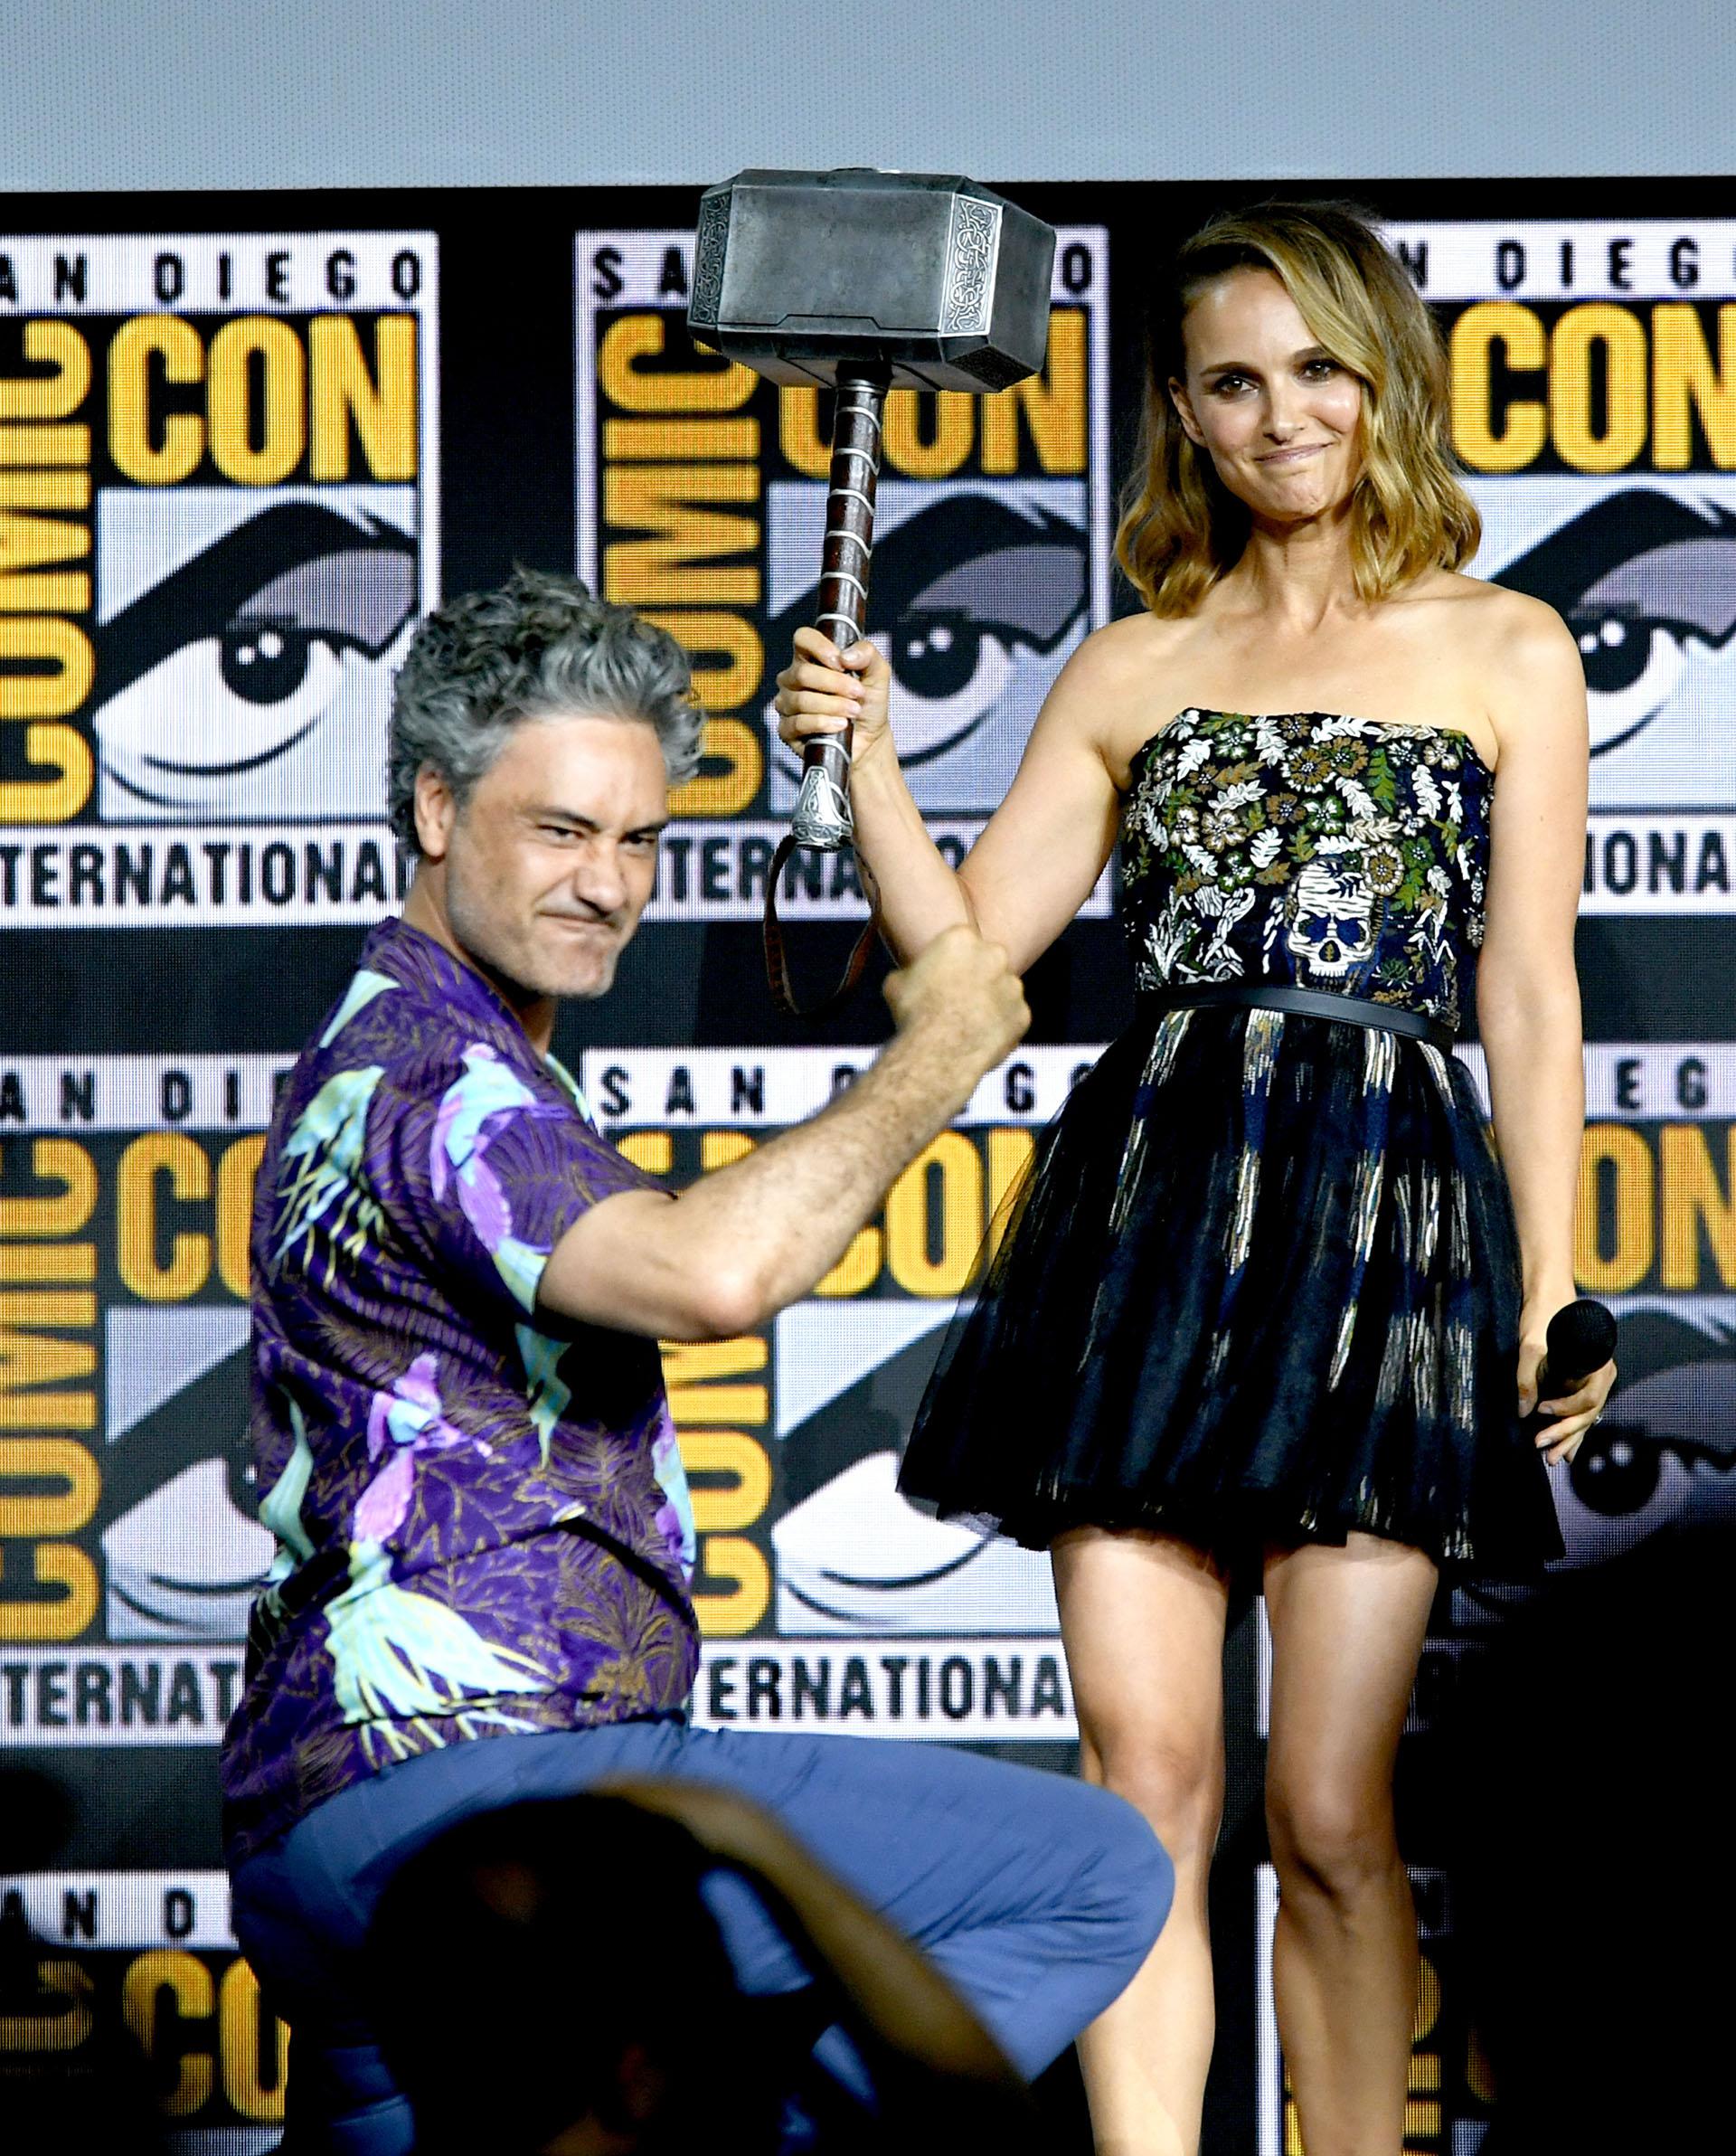 Natalie Portman apareció de forma inesperada en el panel de 'Thor' para confirmar su nuevo papel en la saga. Allí cargó el famoso martillo